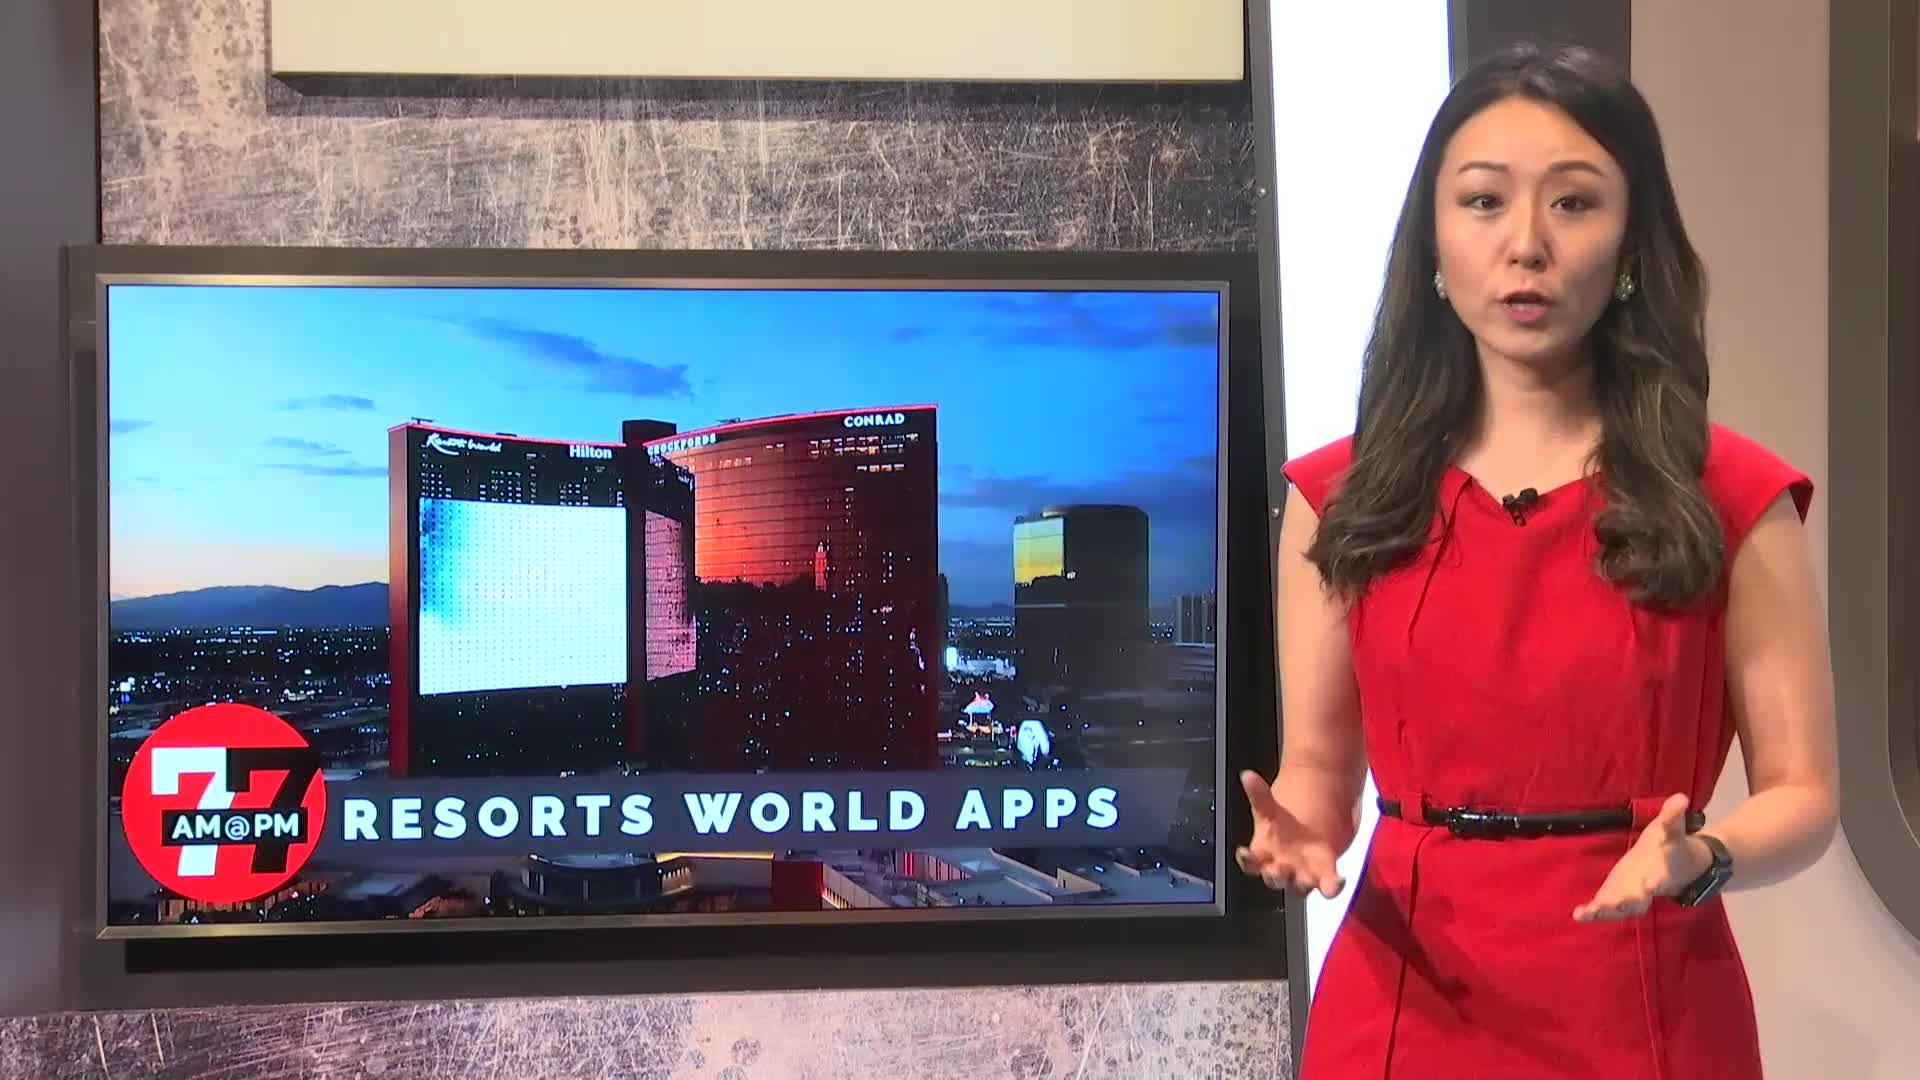 7@7PM Resorts World's New Technology